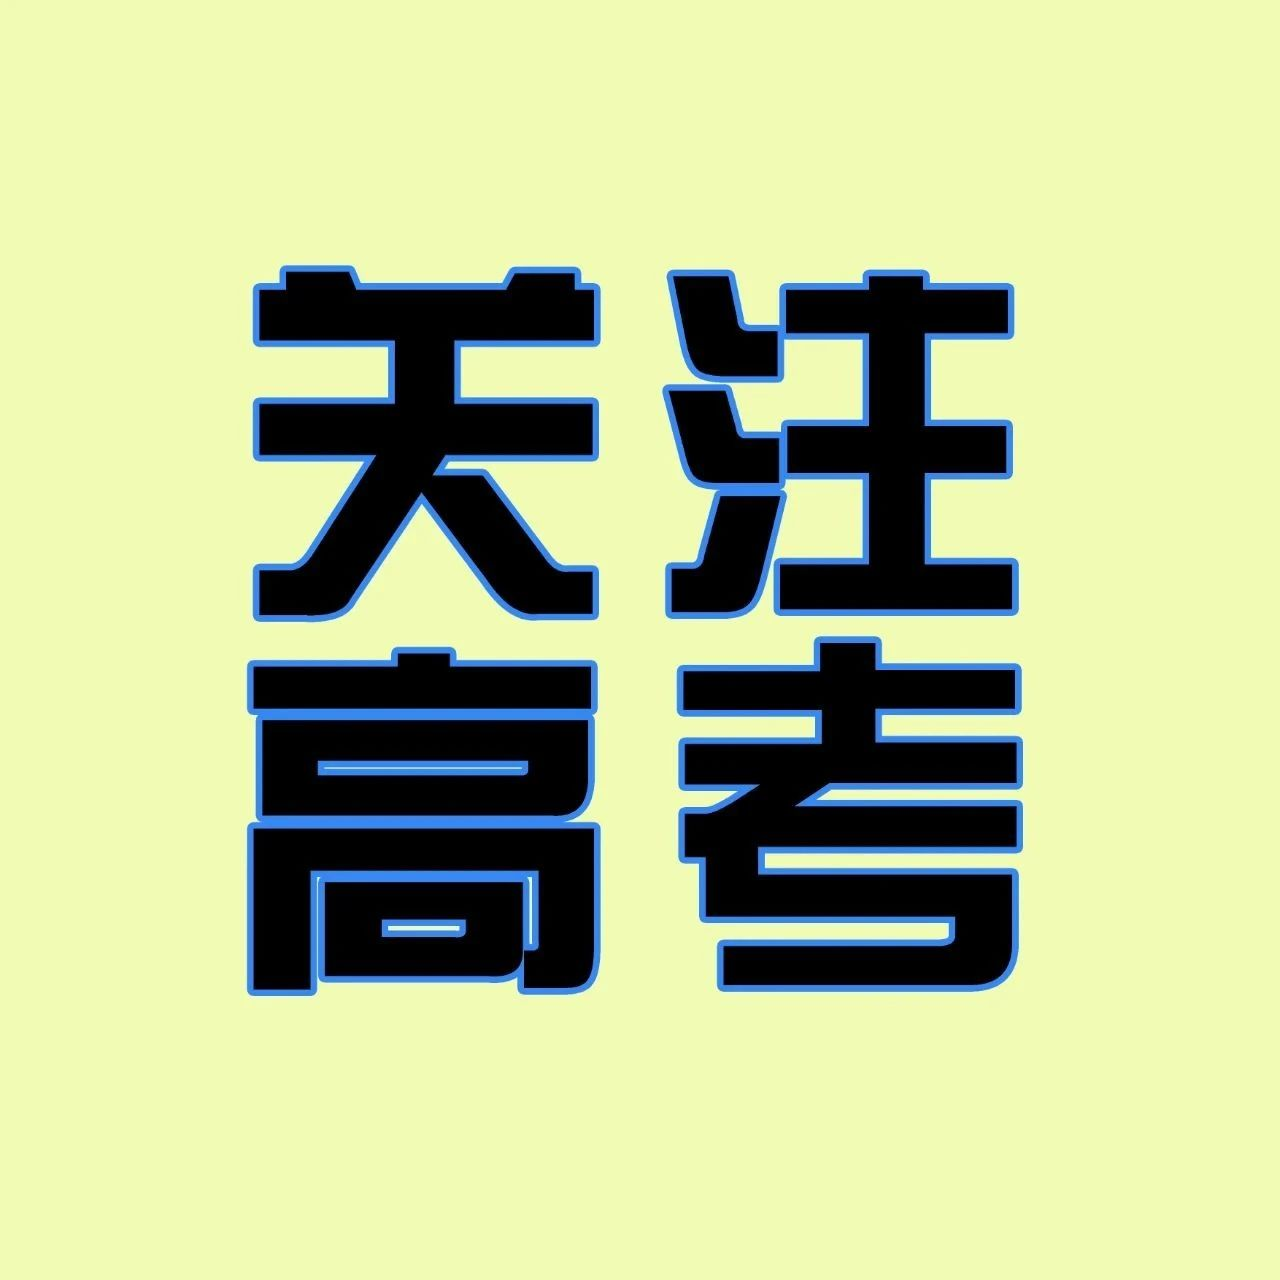 河北高招志愿填报辅助系统开放时间安排公布